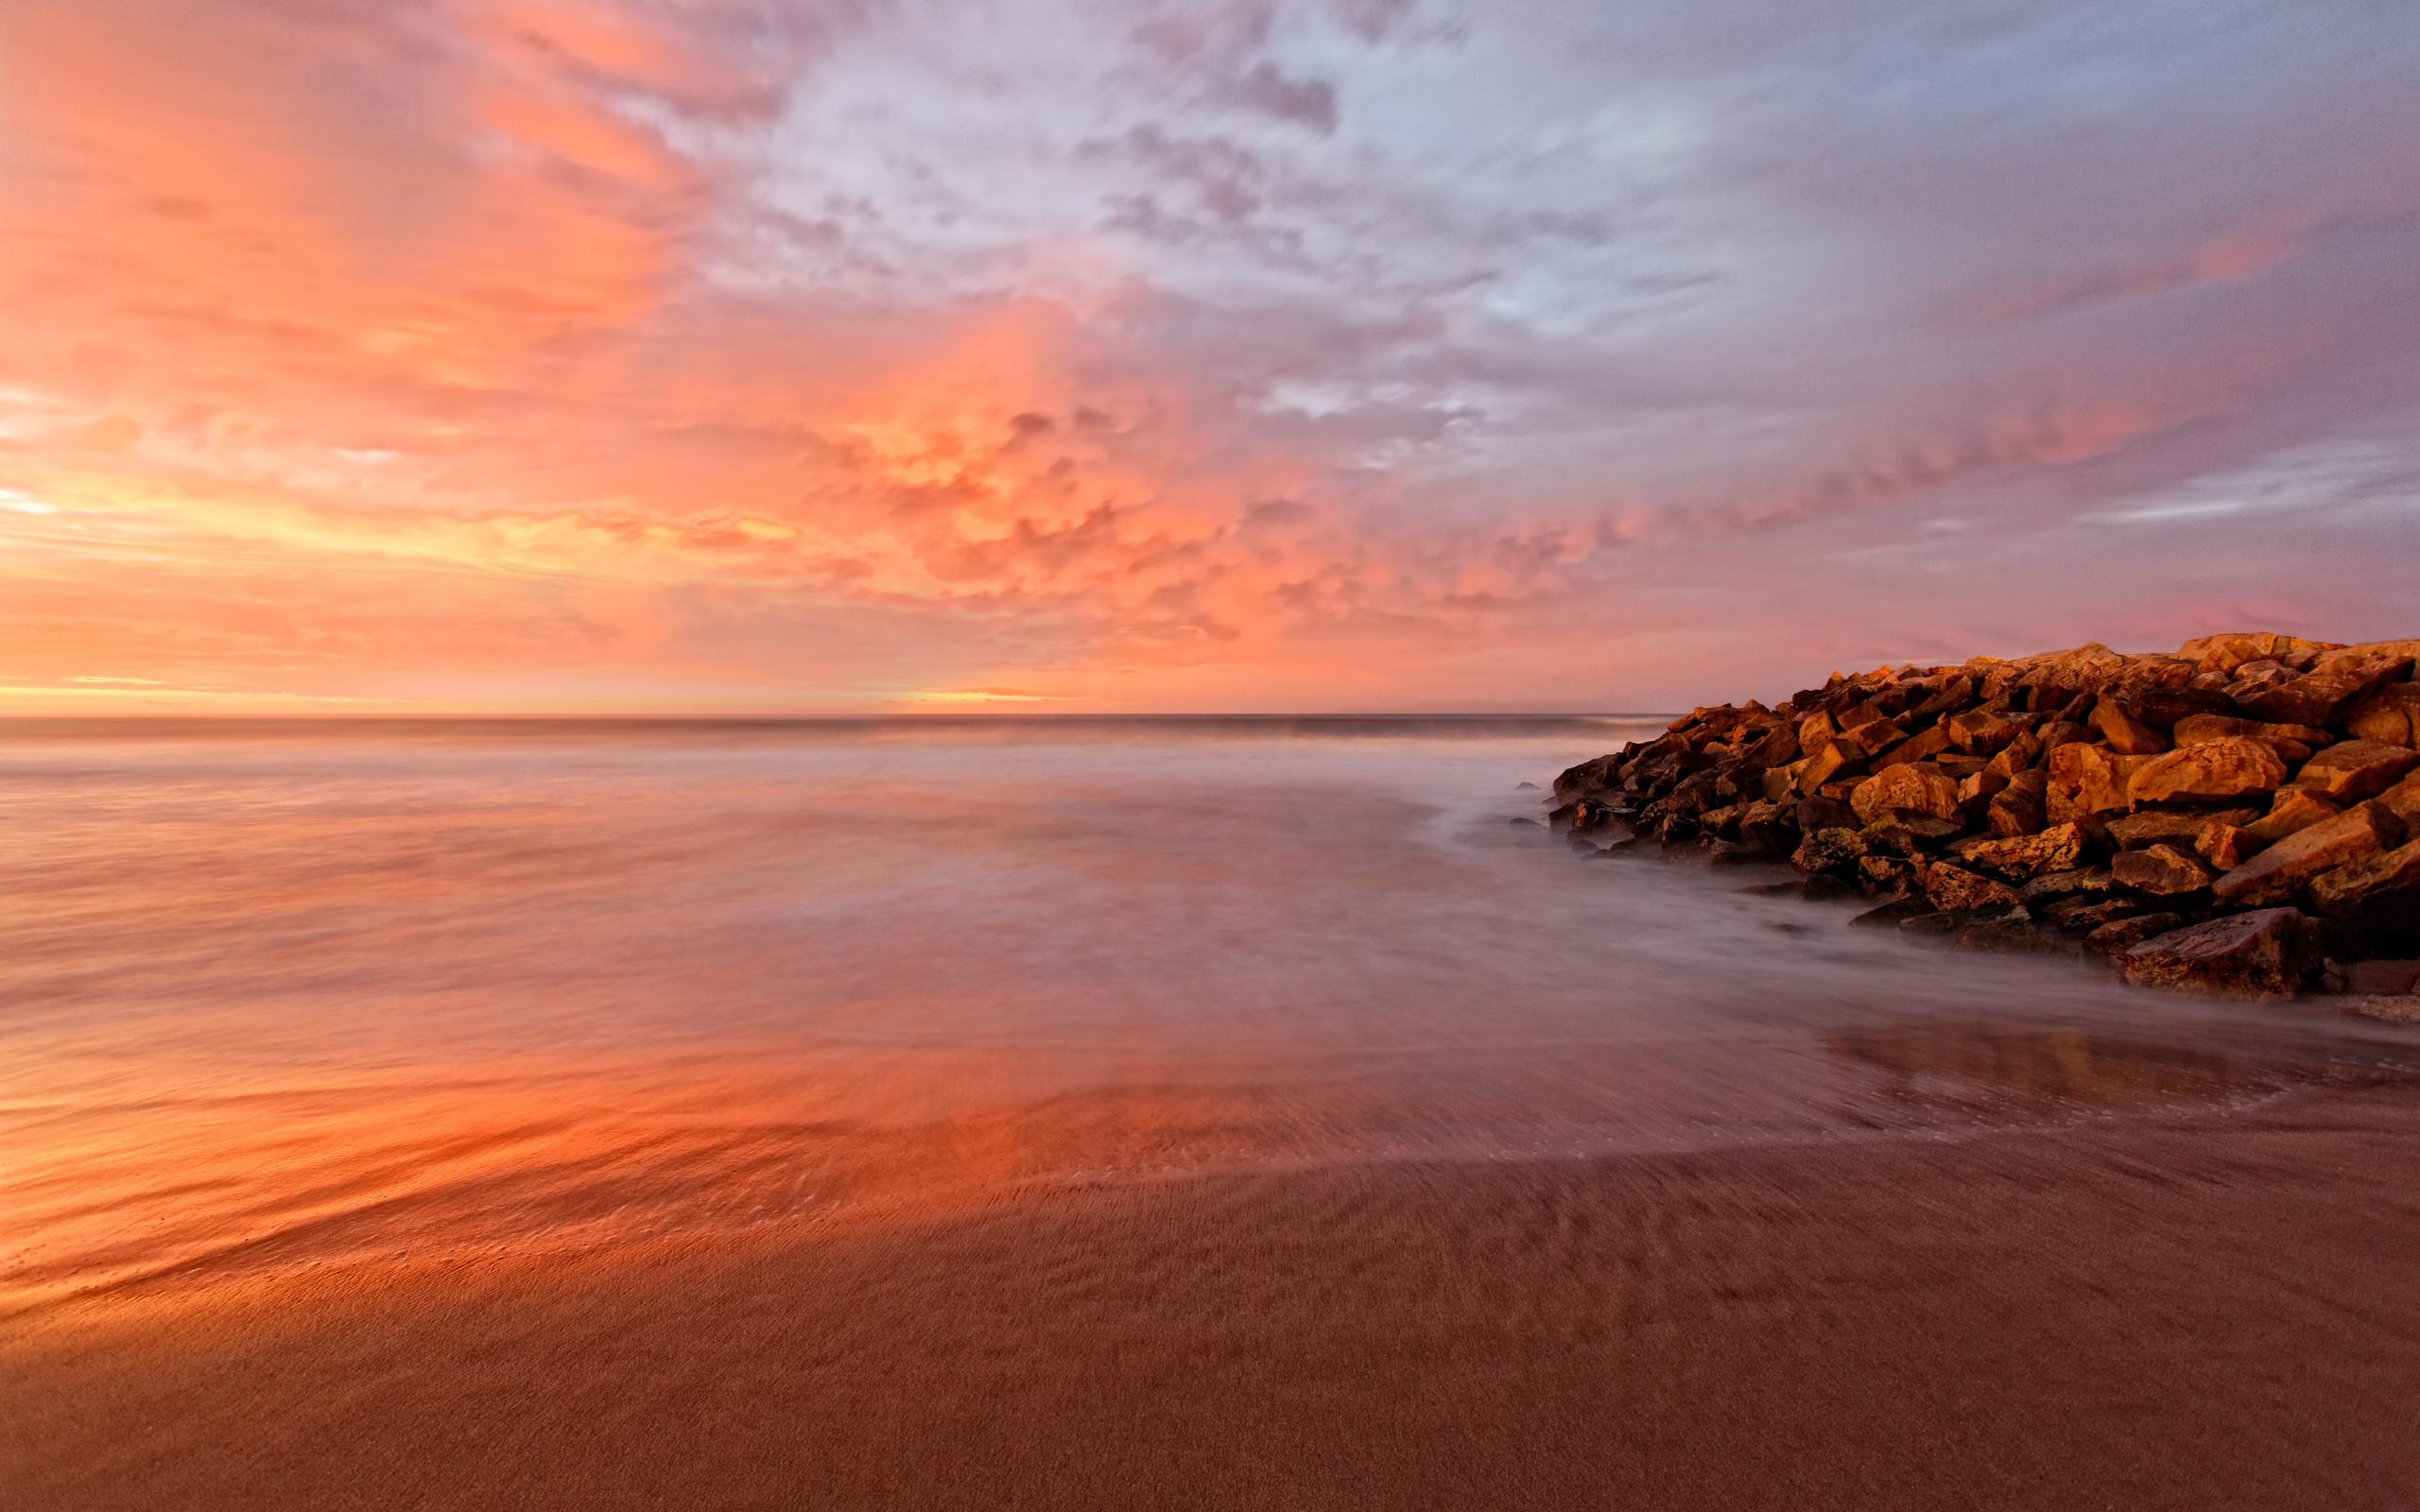 Bellos amaneces en playas - 2560x1600